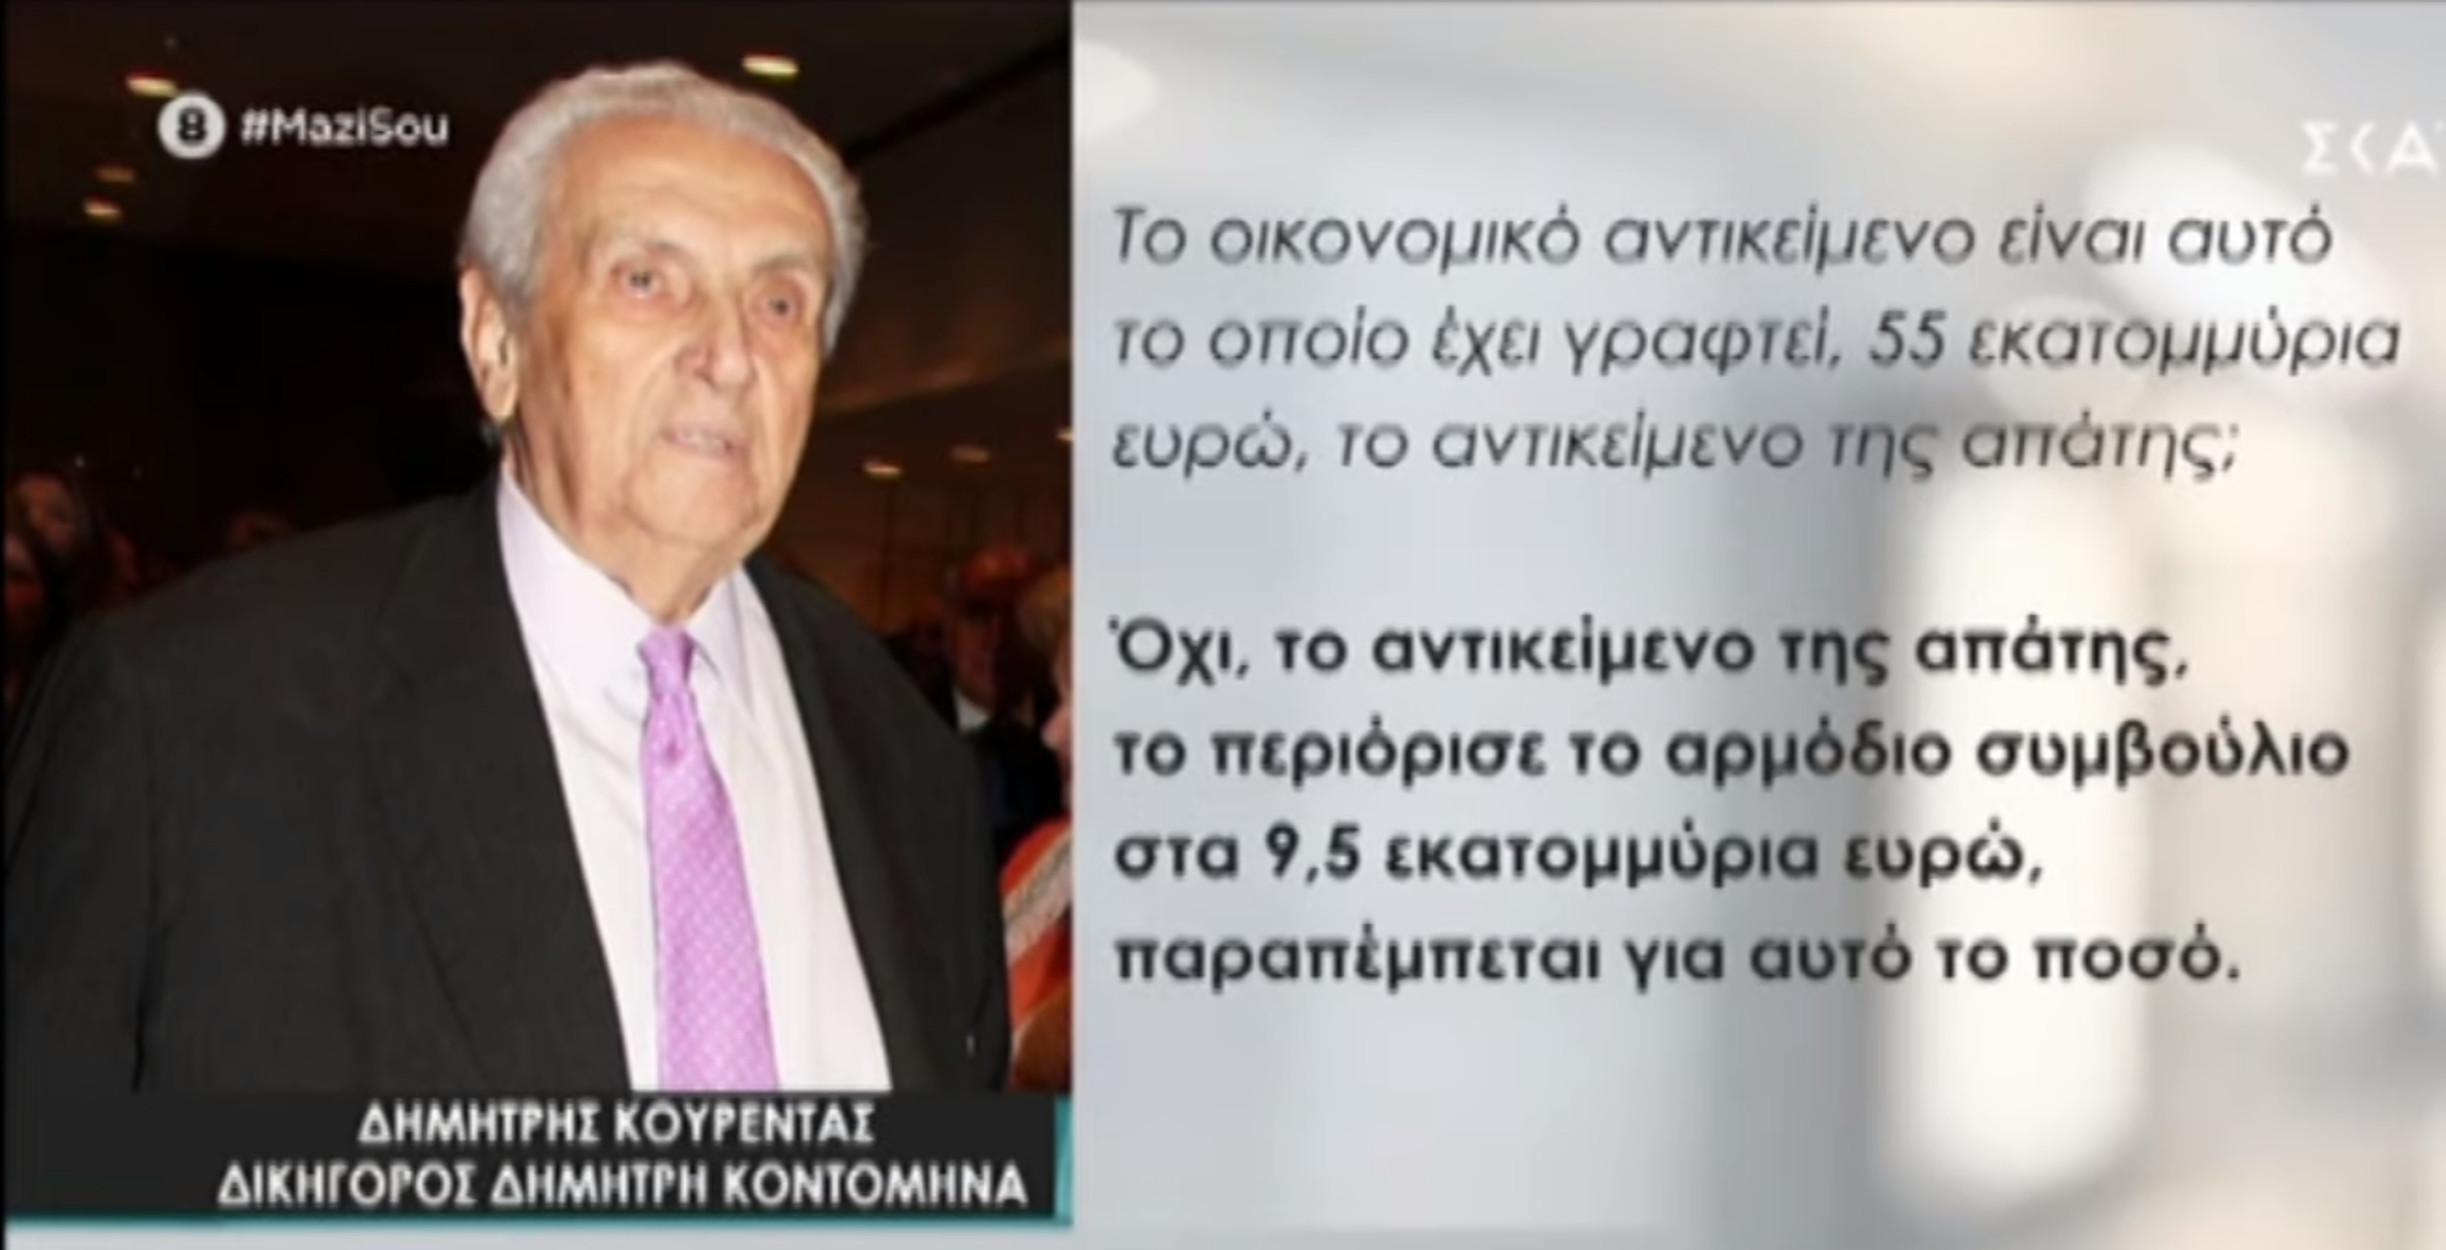 Μαζί σου: 9,5 εκατ. ευρώ έφαγε ο ψευτογιατρός από τον Δημήτρη Κοντομηνά – Τι δηλώνει ο δικηγόρος του (video)